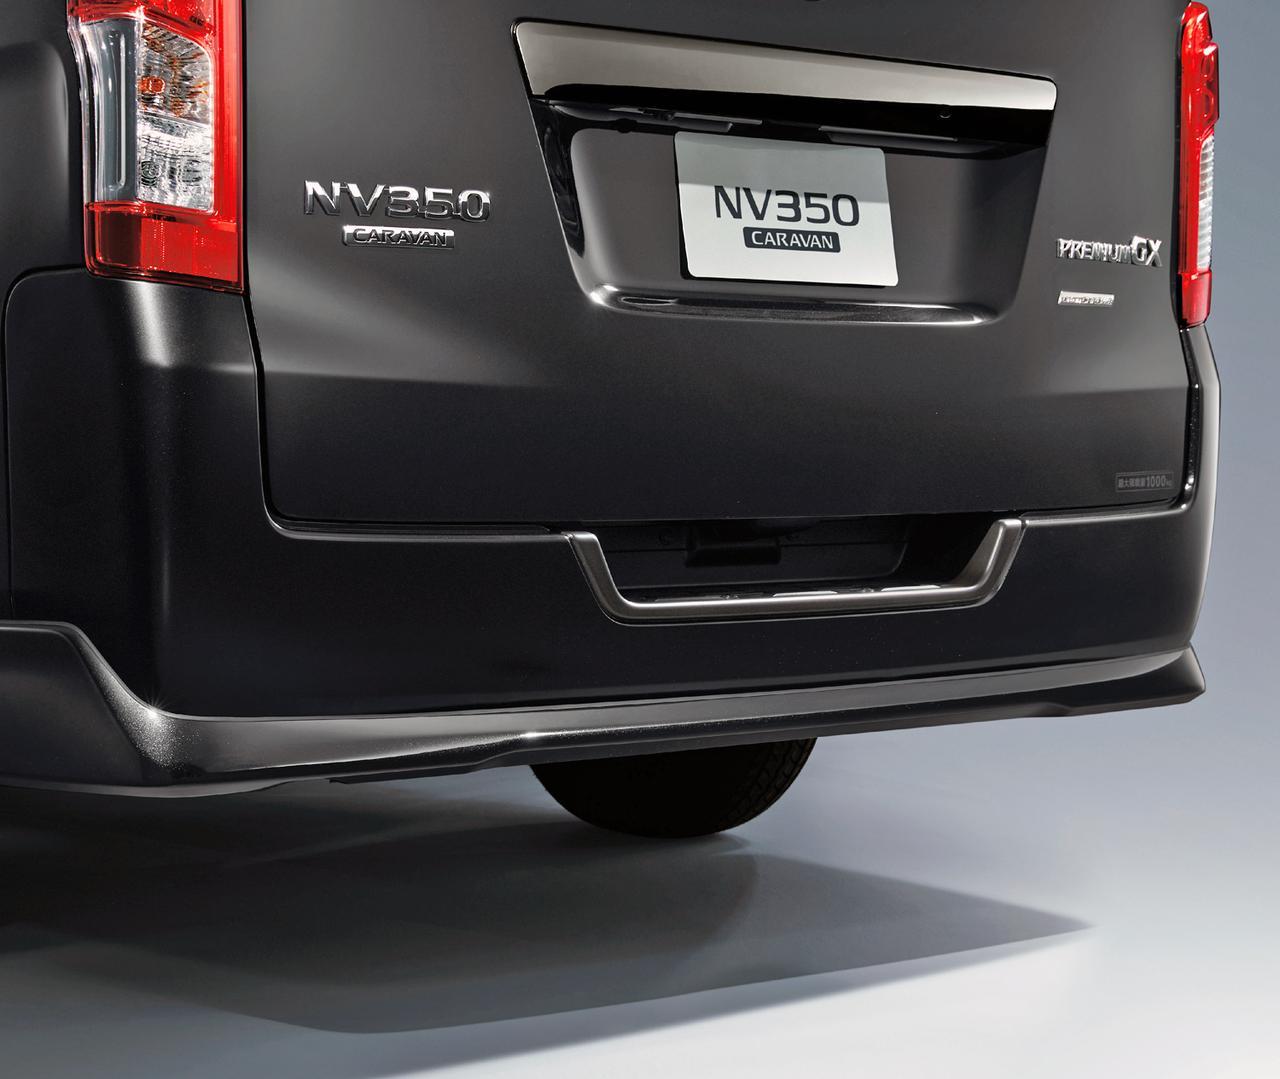 Images : 8番目の画像 - NV350キャラバン 特別仕様車 - Webモーターマガジン